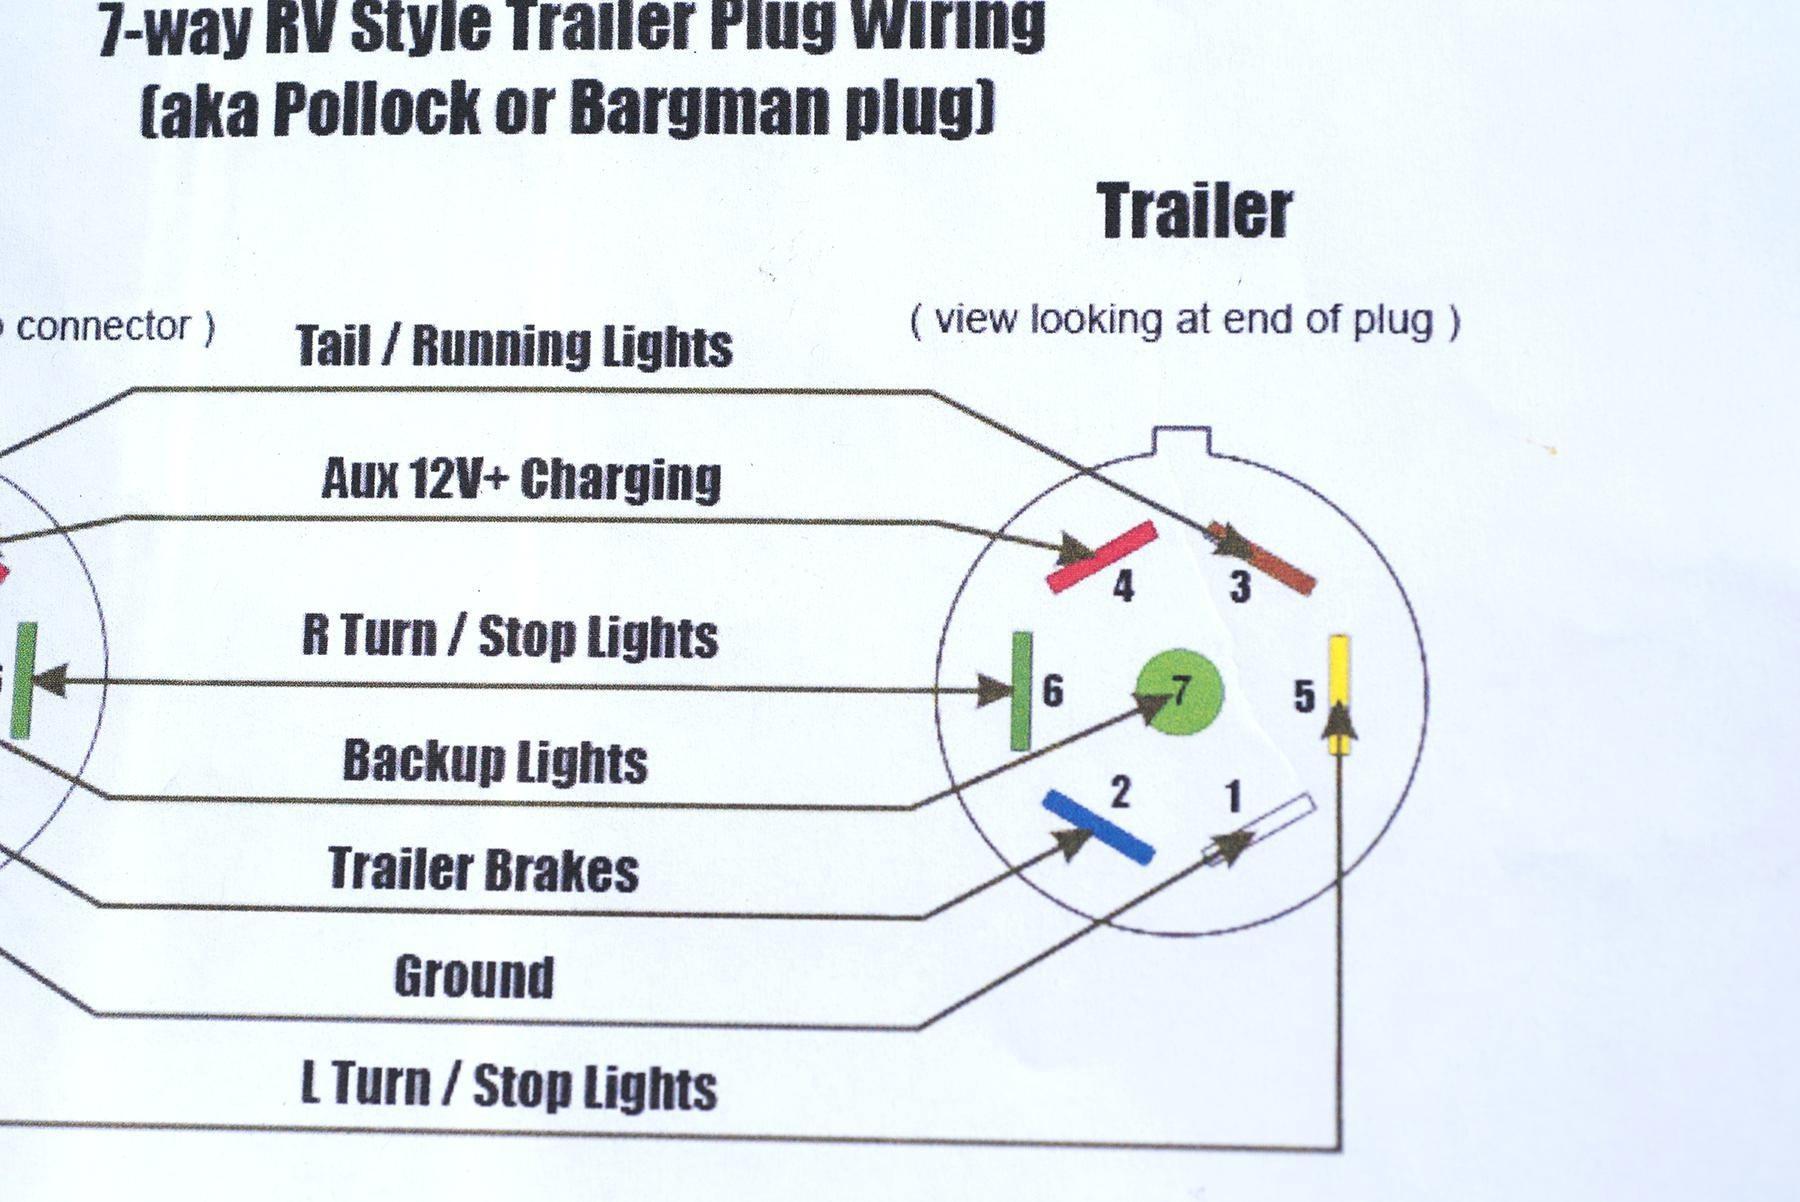 7 Way Flat Wiring Diagram - Wiring Block Diagram - 4 Pin Trailer Connector Wiring Diagram